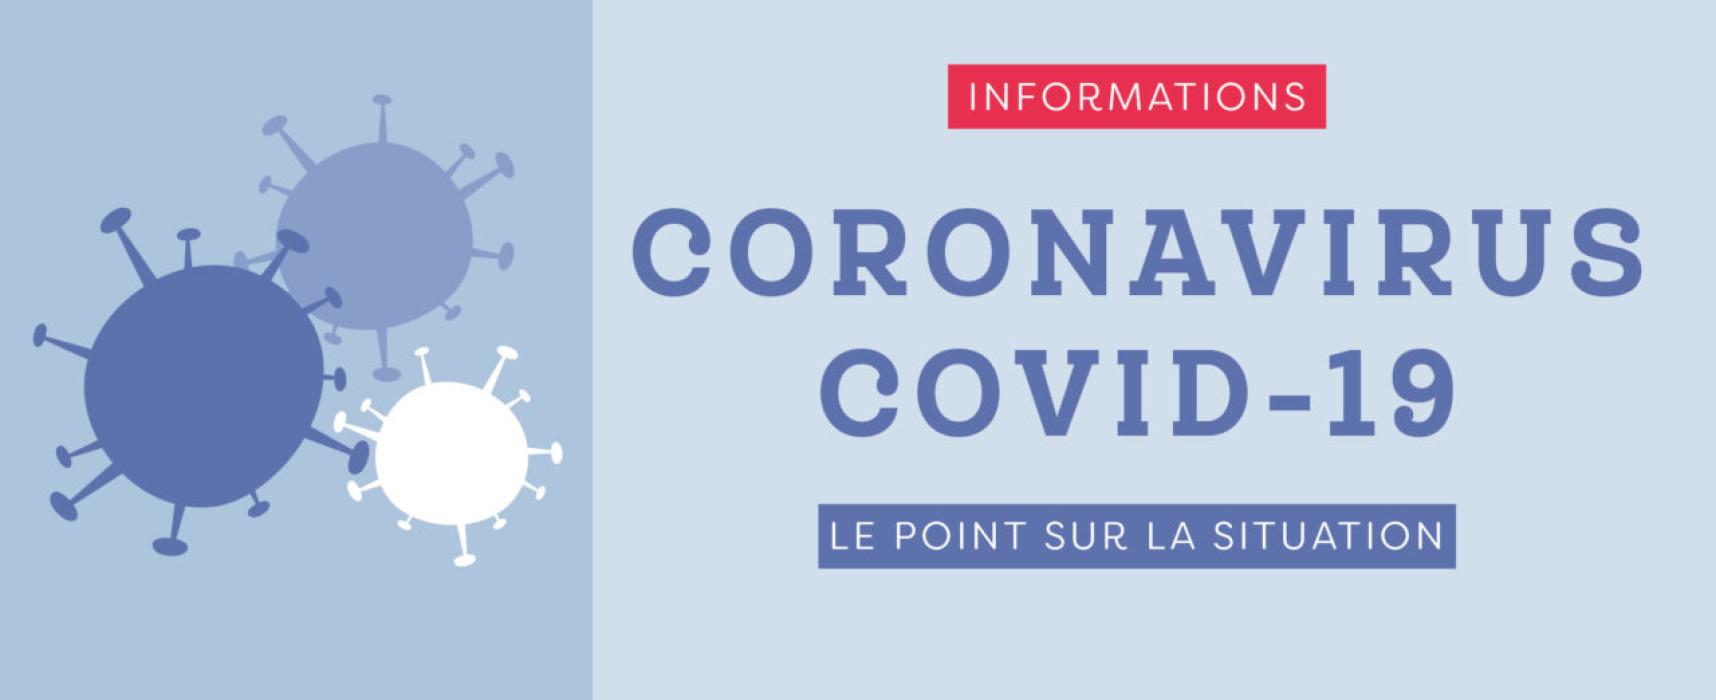 [INFO FLASH] Corona virus Covid19 le point sur la situation en direct